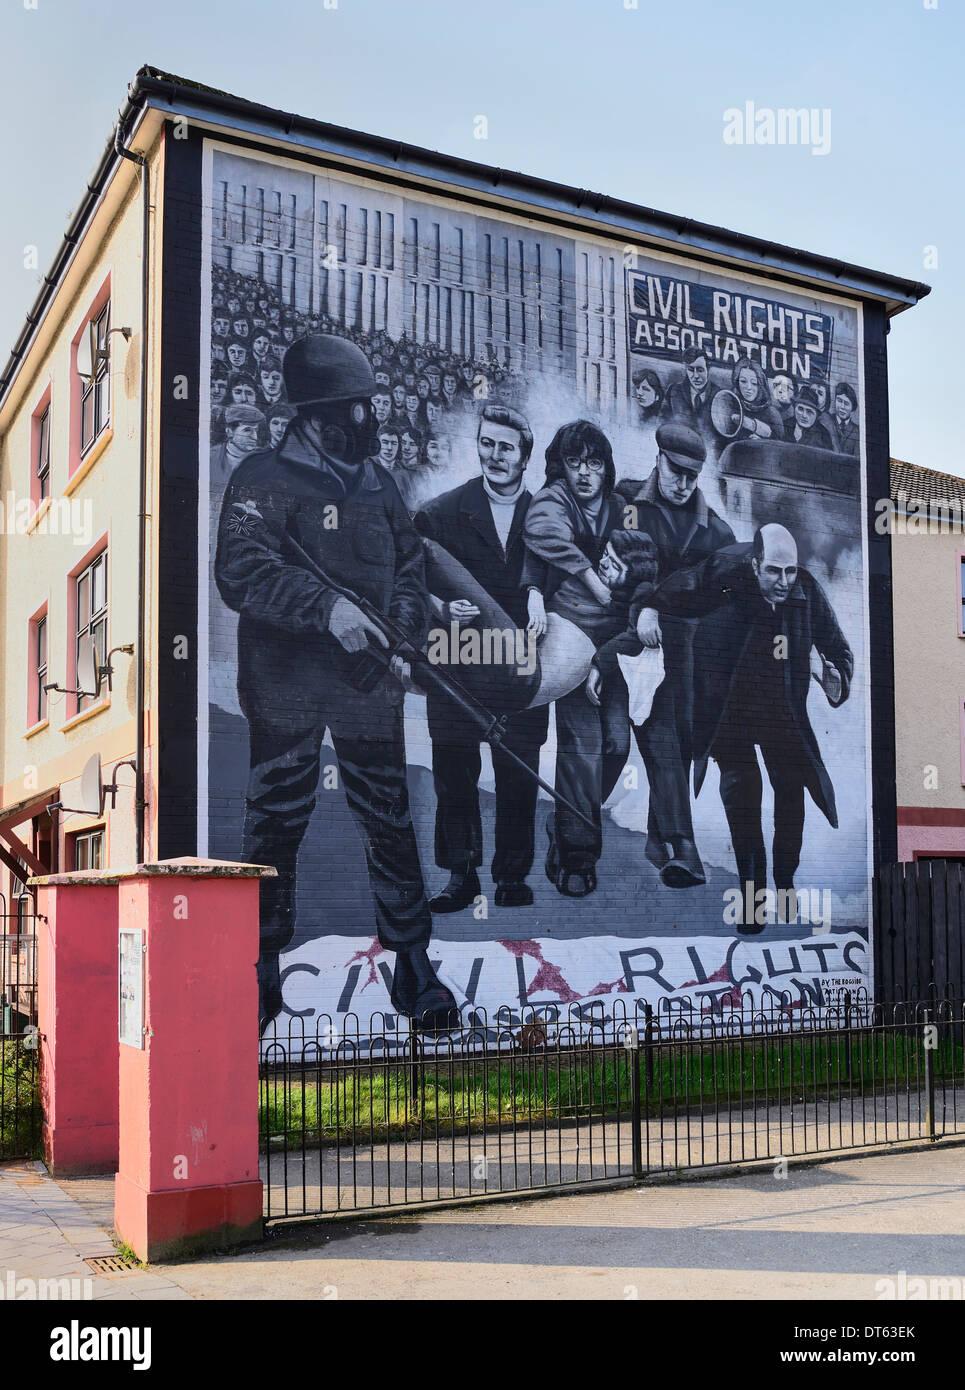 L'Irlande, Dublin, le People's Gallery série de peintures murales dans la fresque Bogside, connu sous le nom de Bloody Sunday murale. Photo Stock